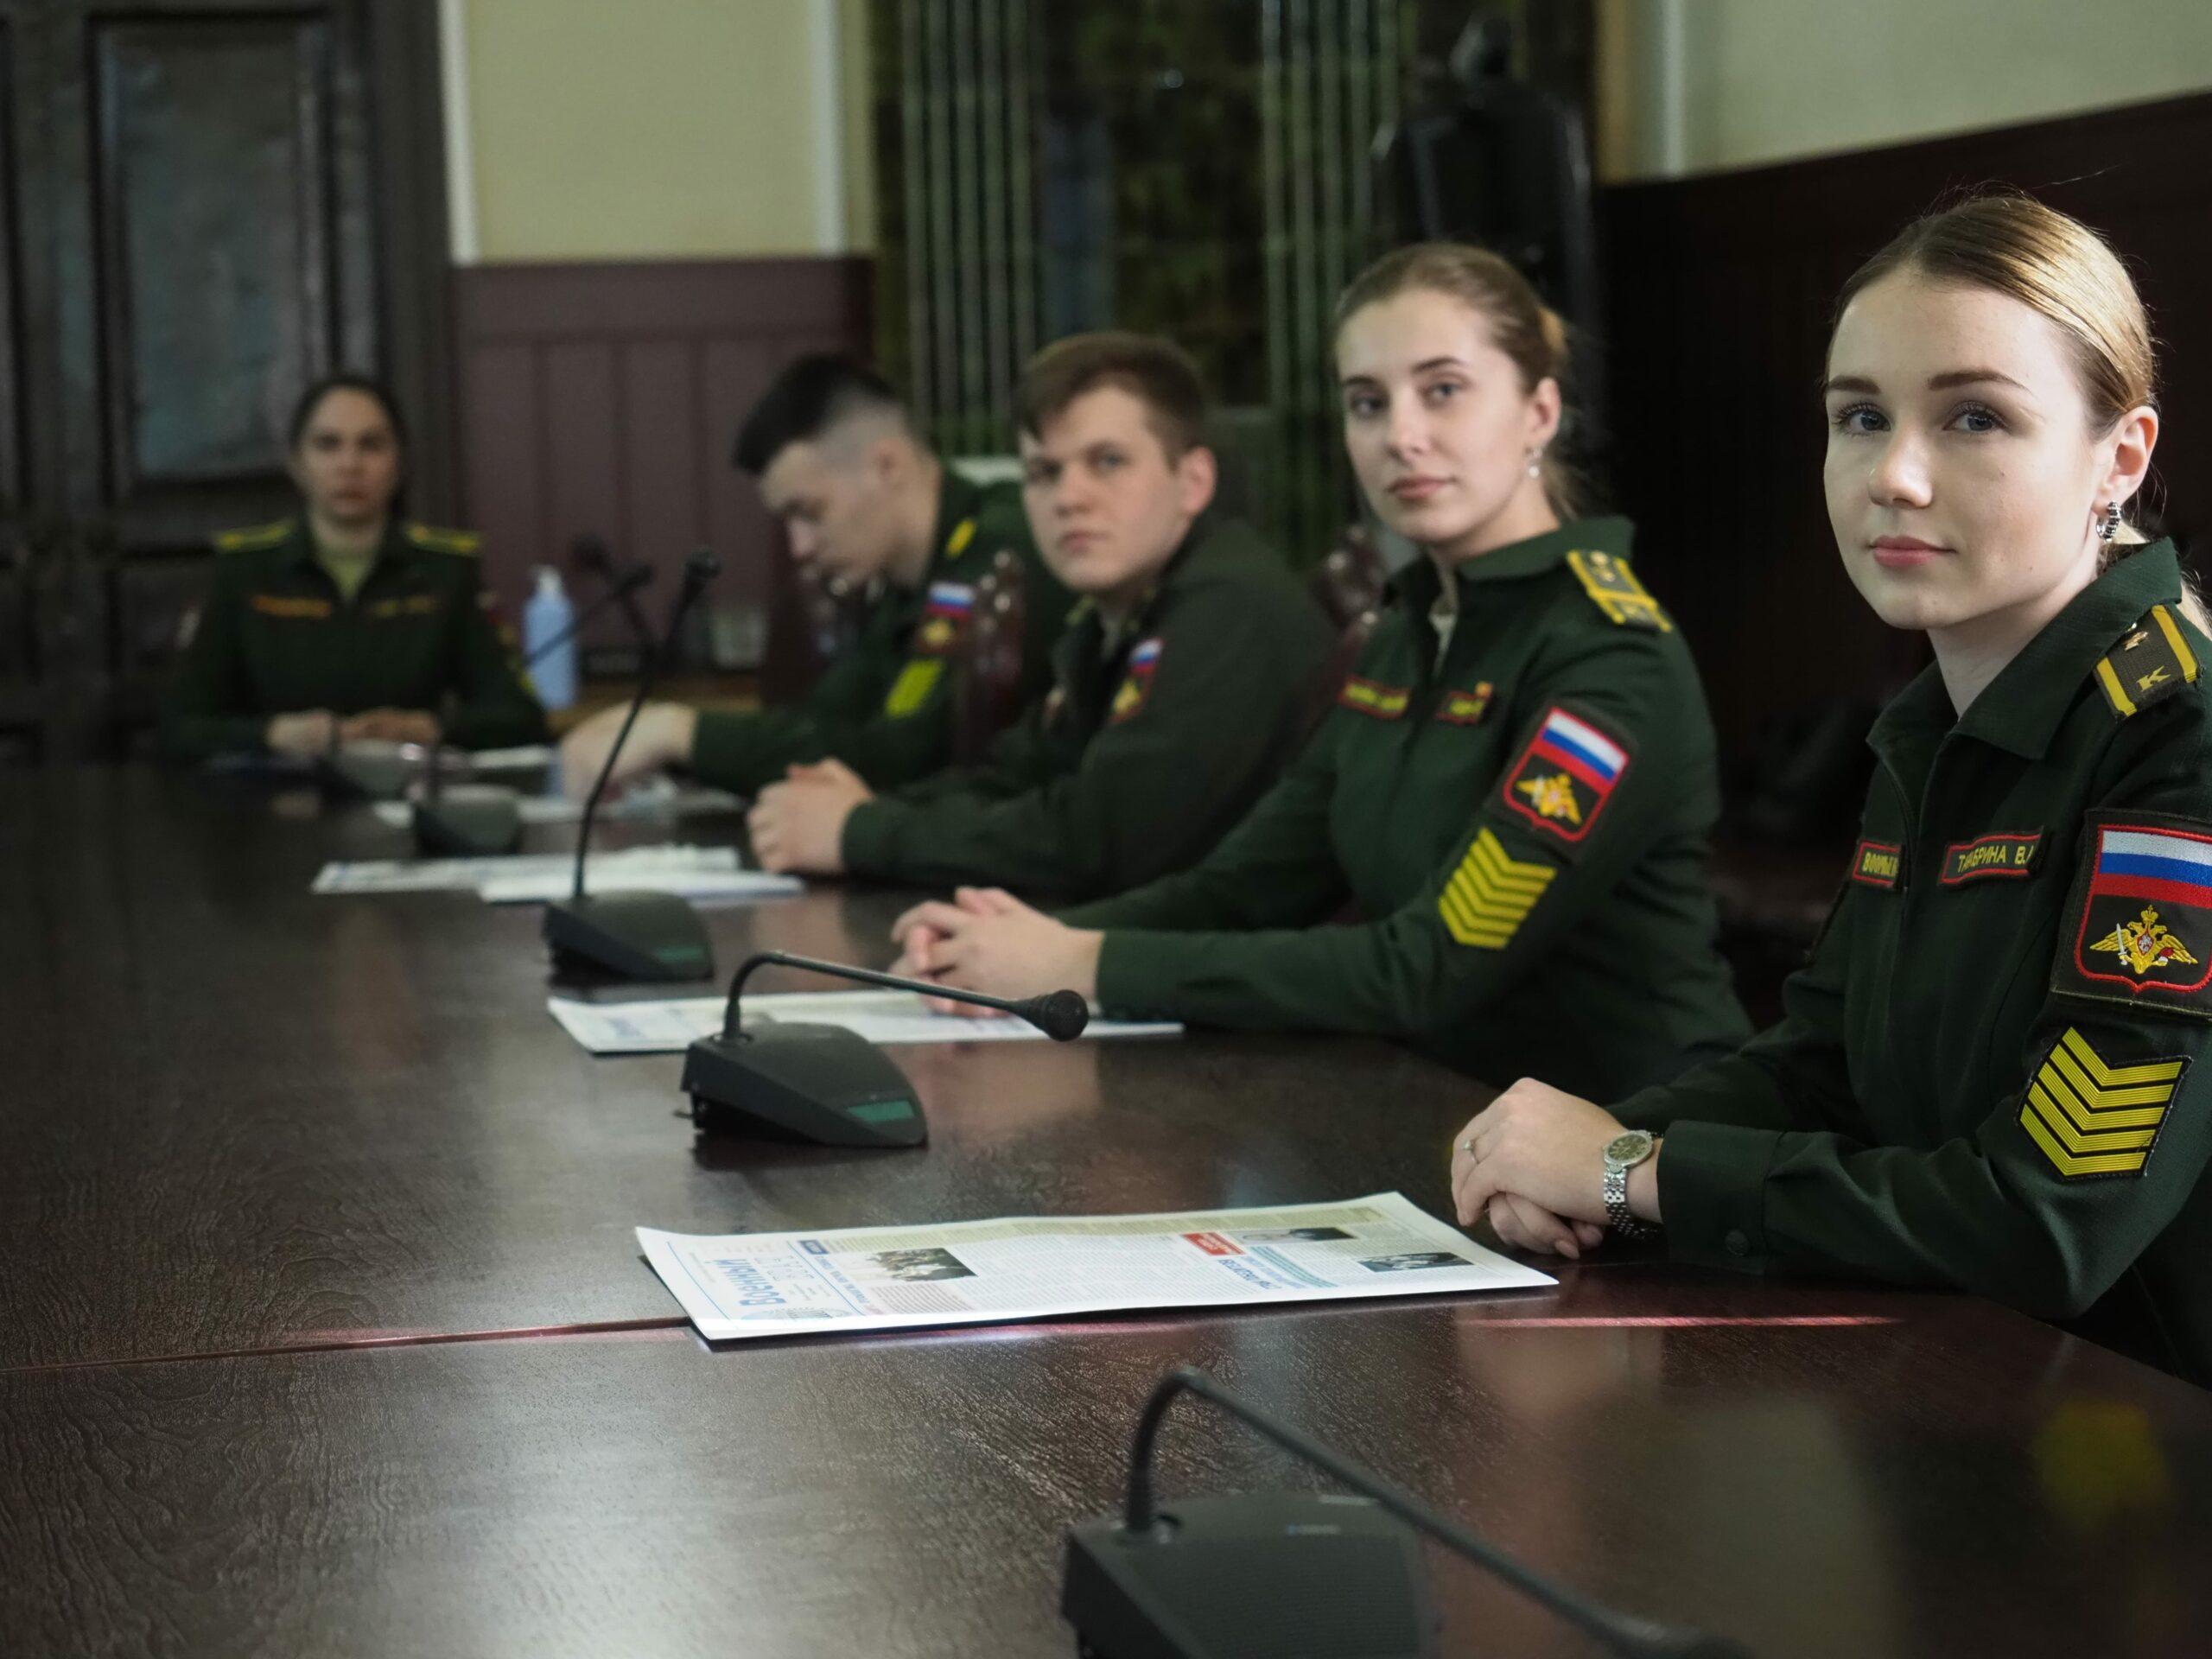 В Военно-медицинской академии подведены итоги работы Военно-научного общества курсантов, студентов и слушателей